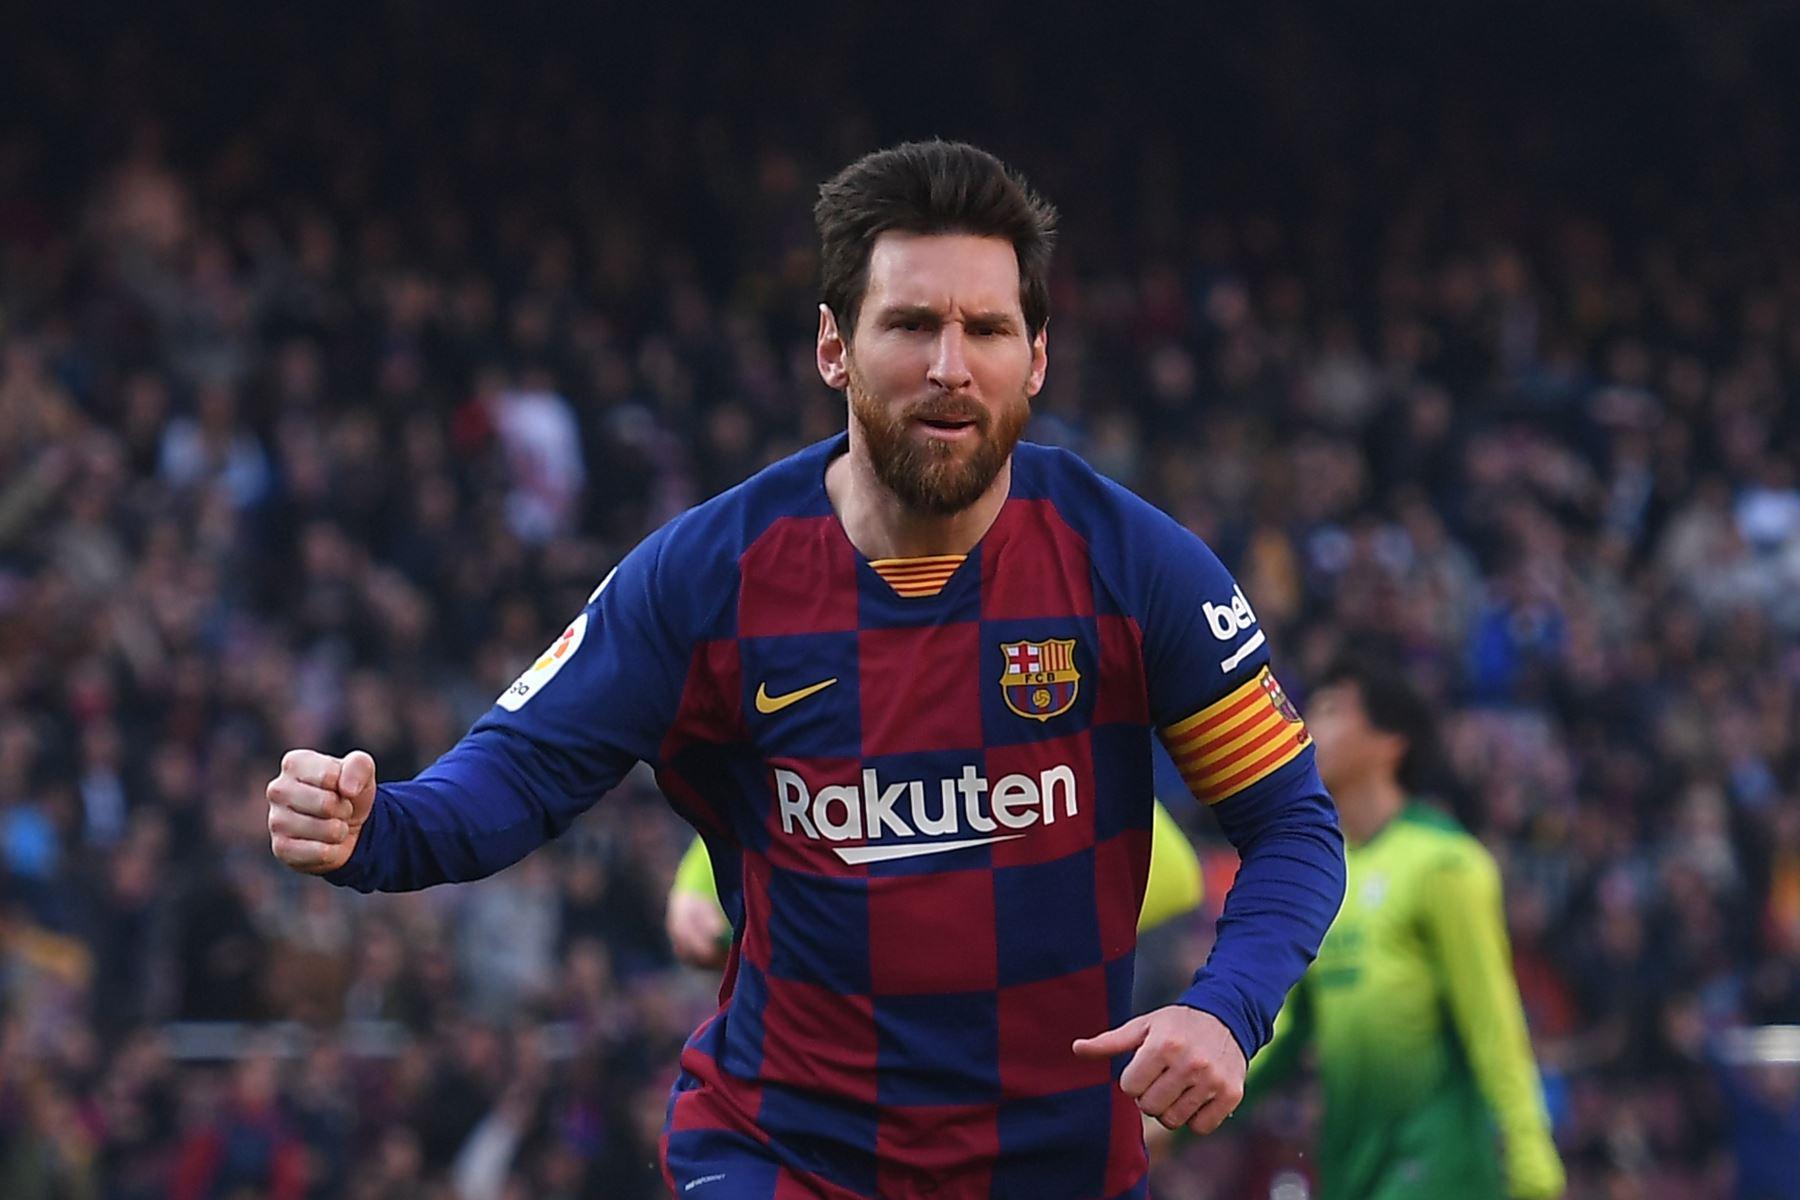 El delantero argentino de Barcelona, Lionel Messi, celebra después de anotar durante el partido de fútbol de la liga española FC Barcelona contra SD Eibar. Foto: AFP